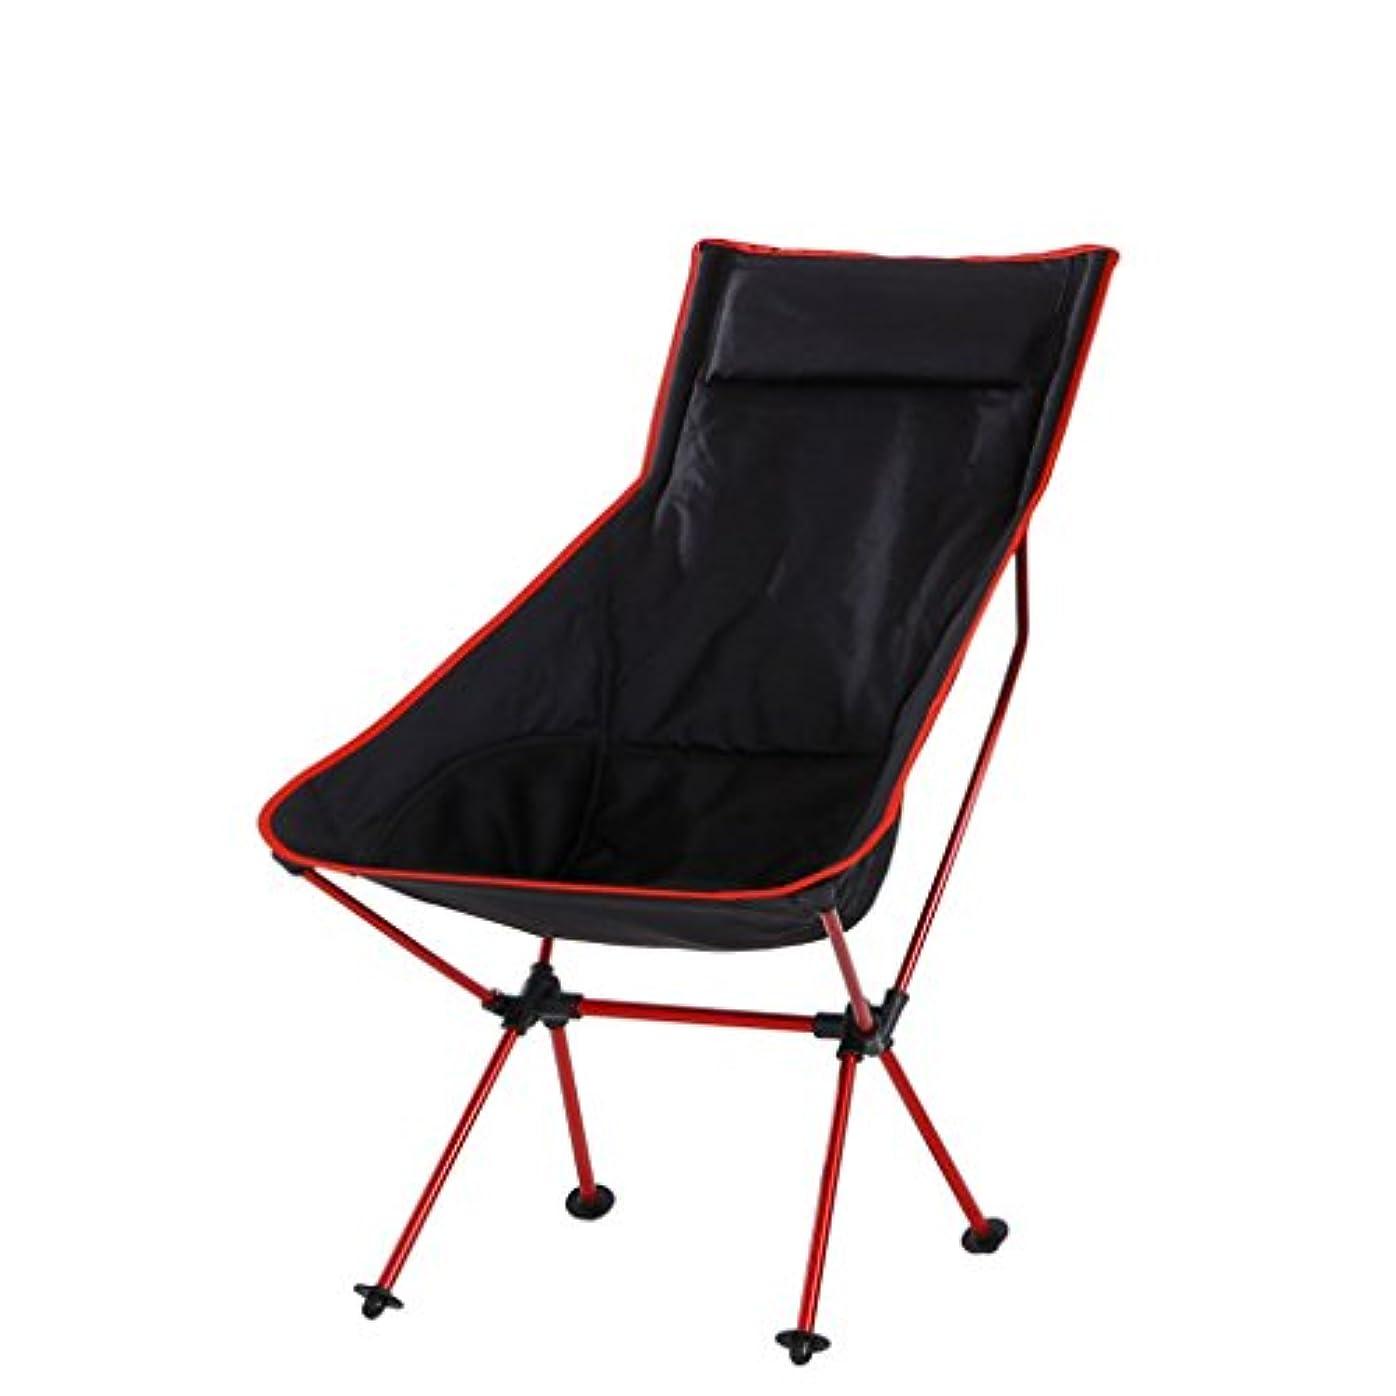 断片テクスチャー栄養多機能冬厚いバックオックスフォード布アルミ合金折りたたみ椅子、バーベキューキャンプ釣りハイキングビーチ アウトドア キャンプ用